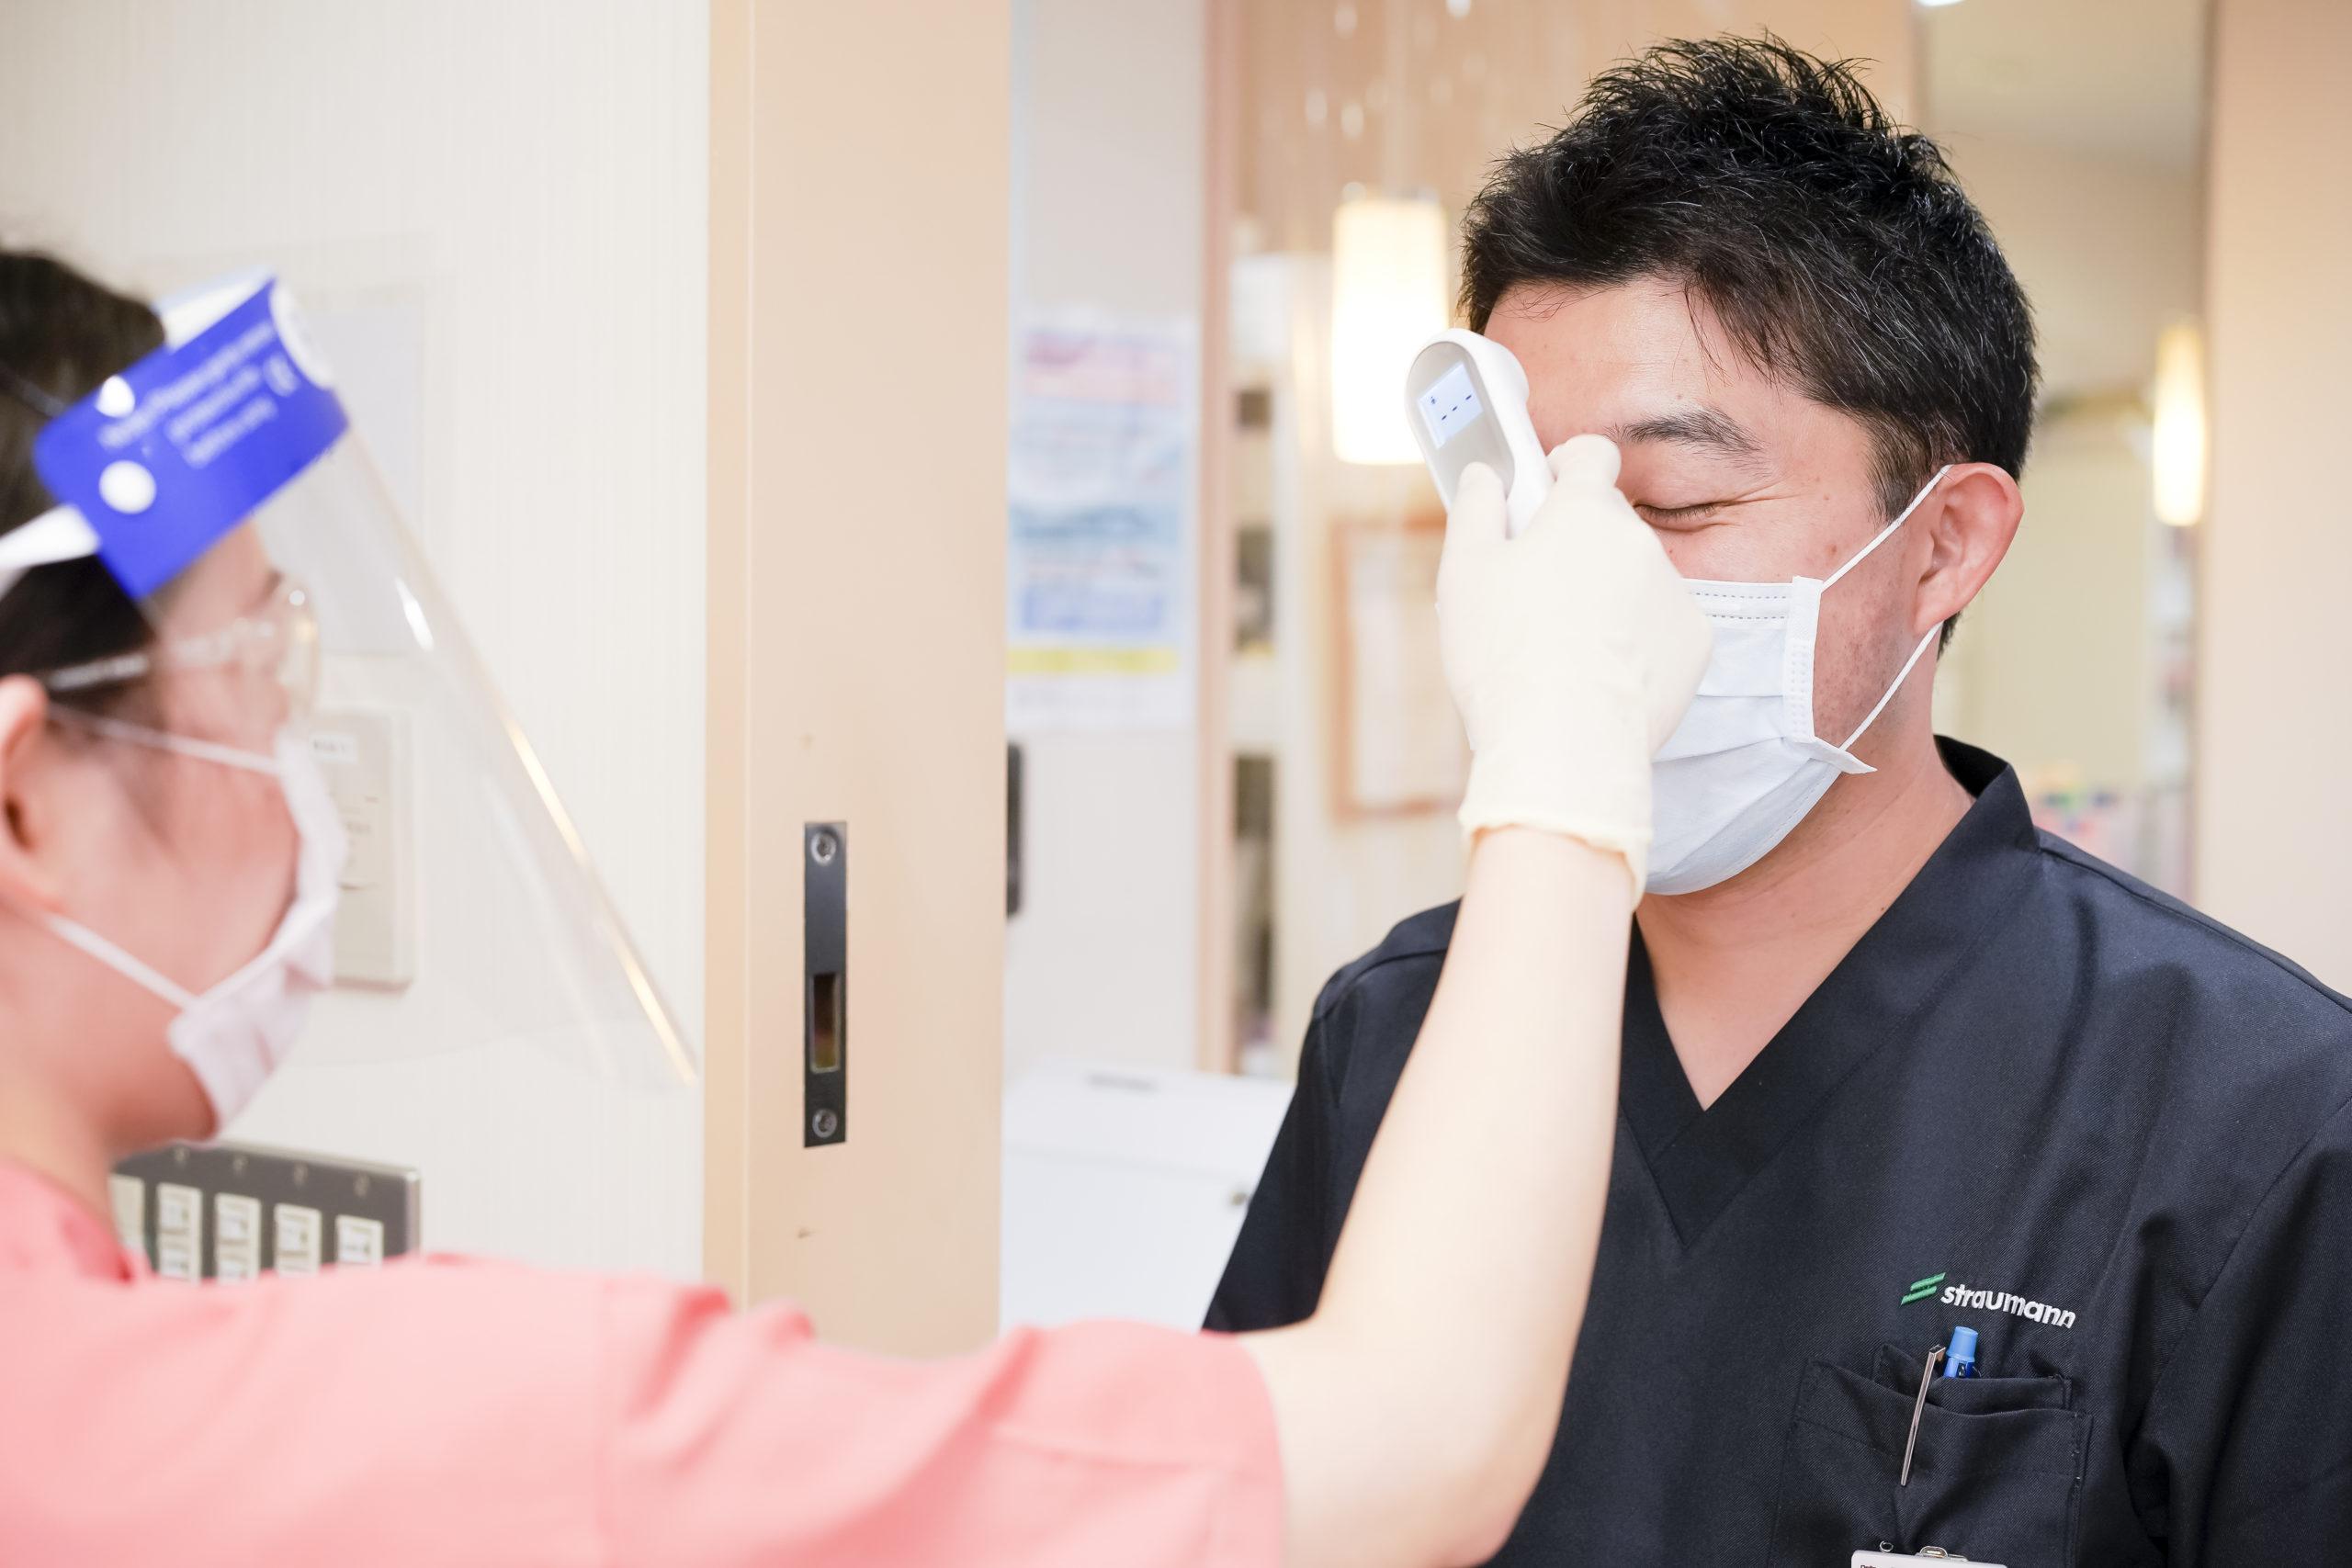 非接触体温計による体温チェック いしはた歯科クリニック